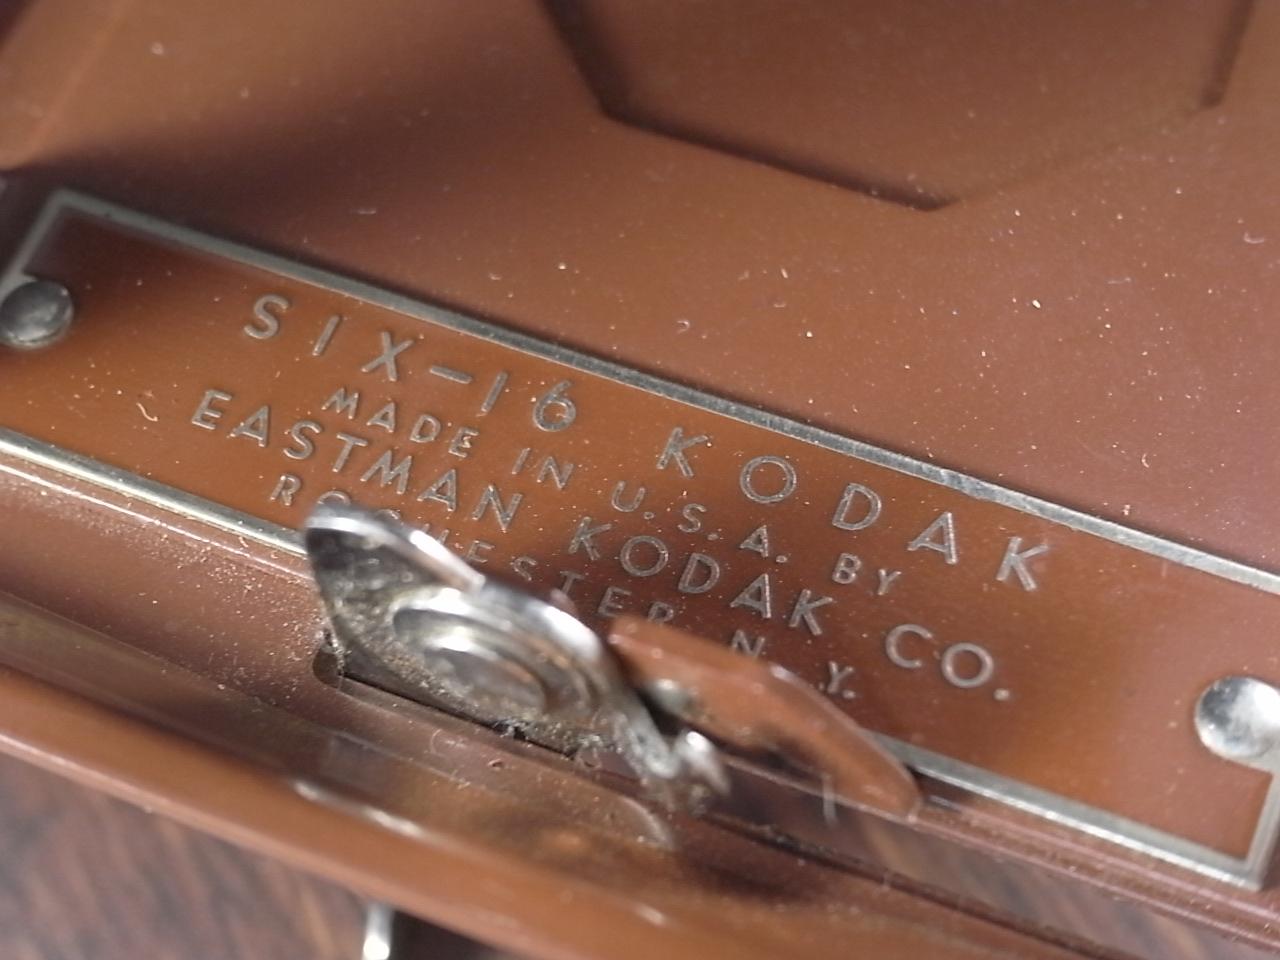 コダック アールデコ 蛇腹カメラ SIX-16 ブラウンの写真4枚目